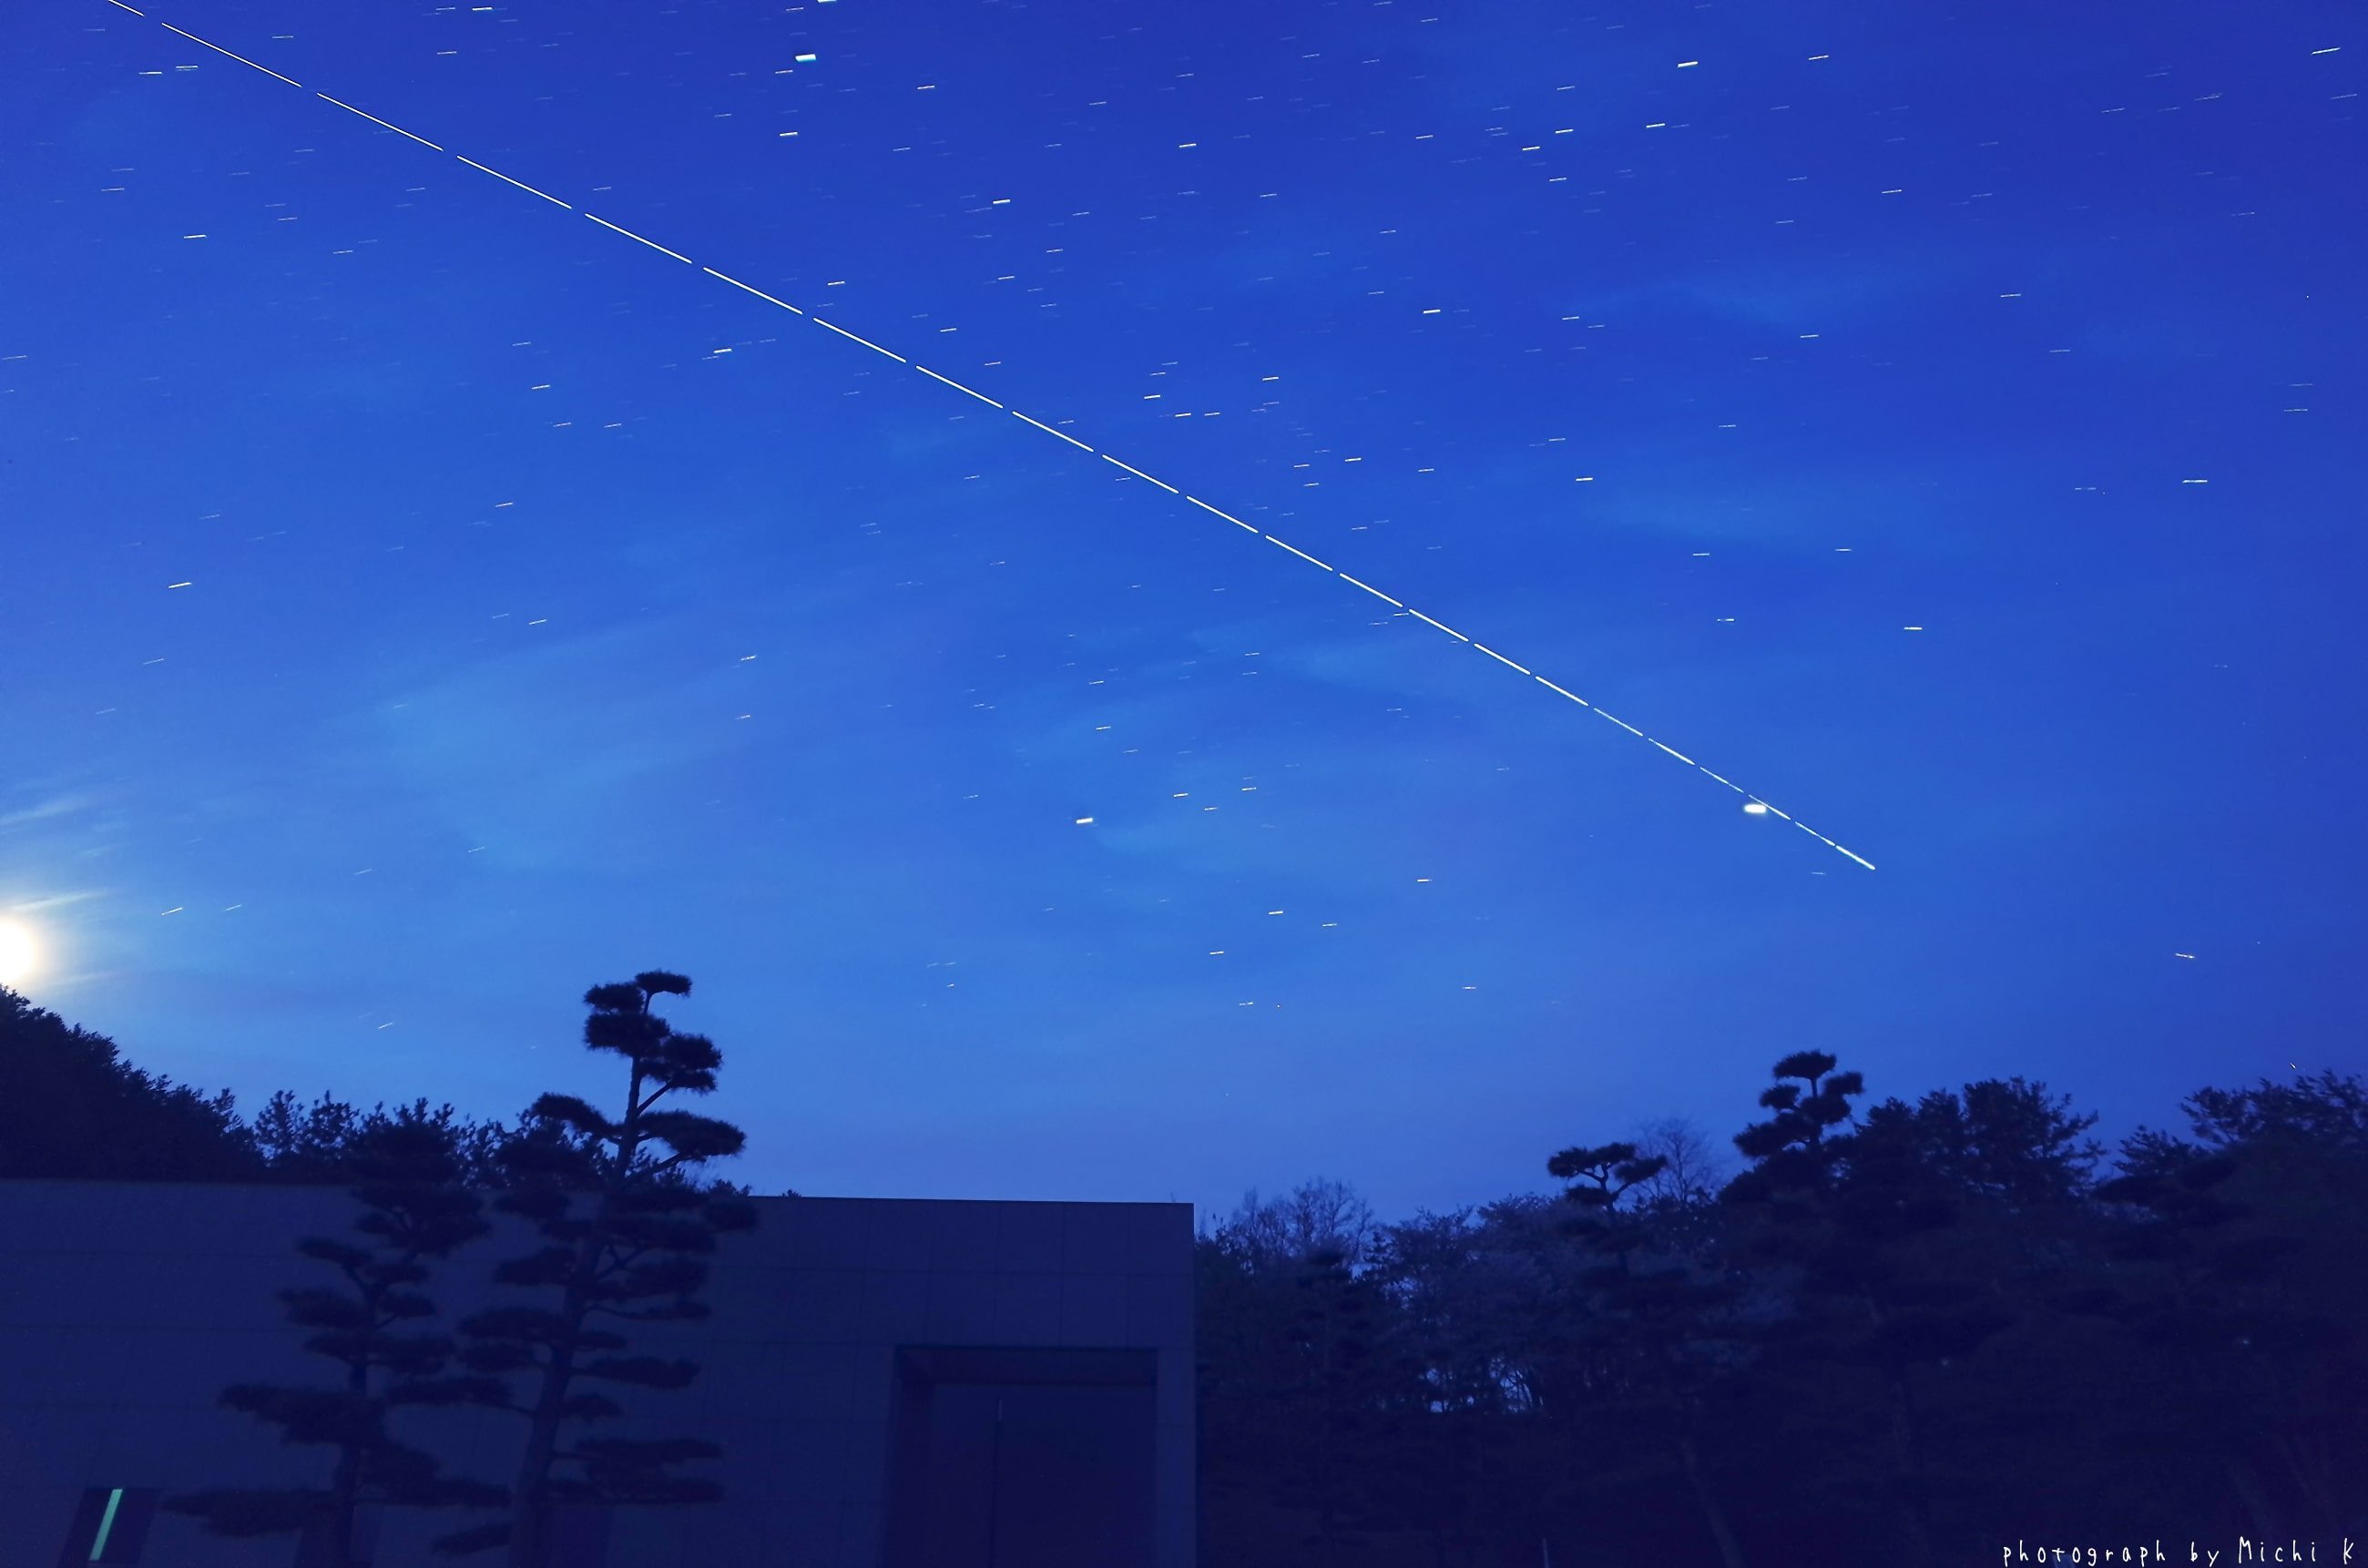 ISS(きぼう)の軌跡の写真、2019年4月29日撮影。